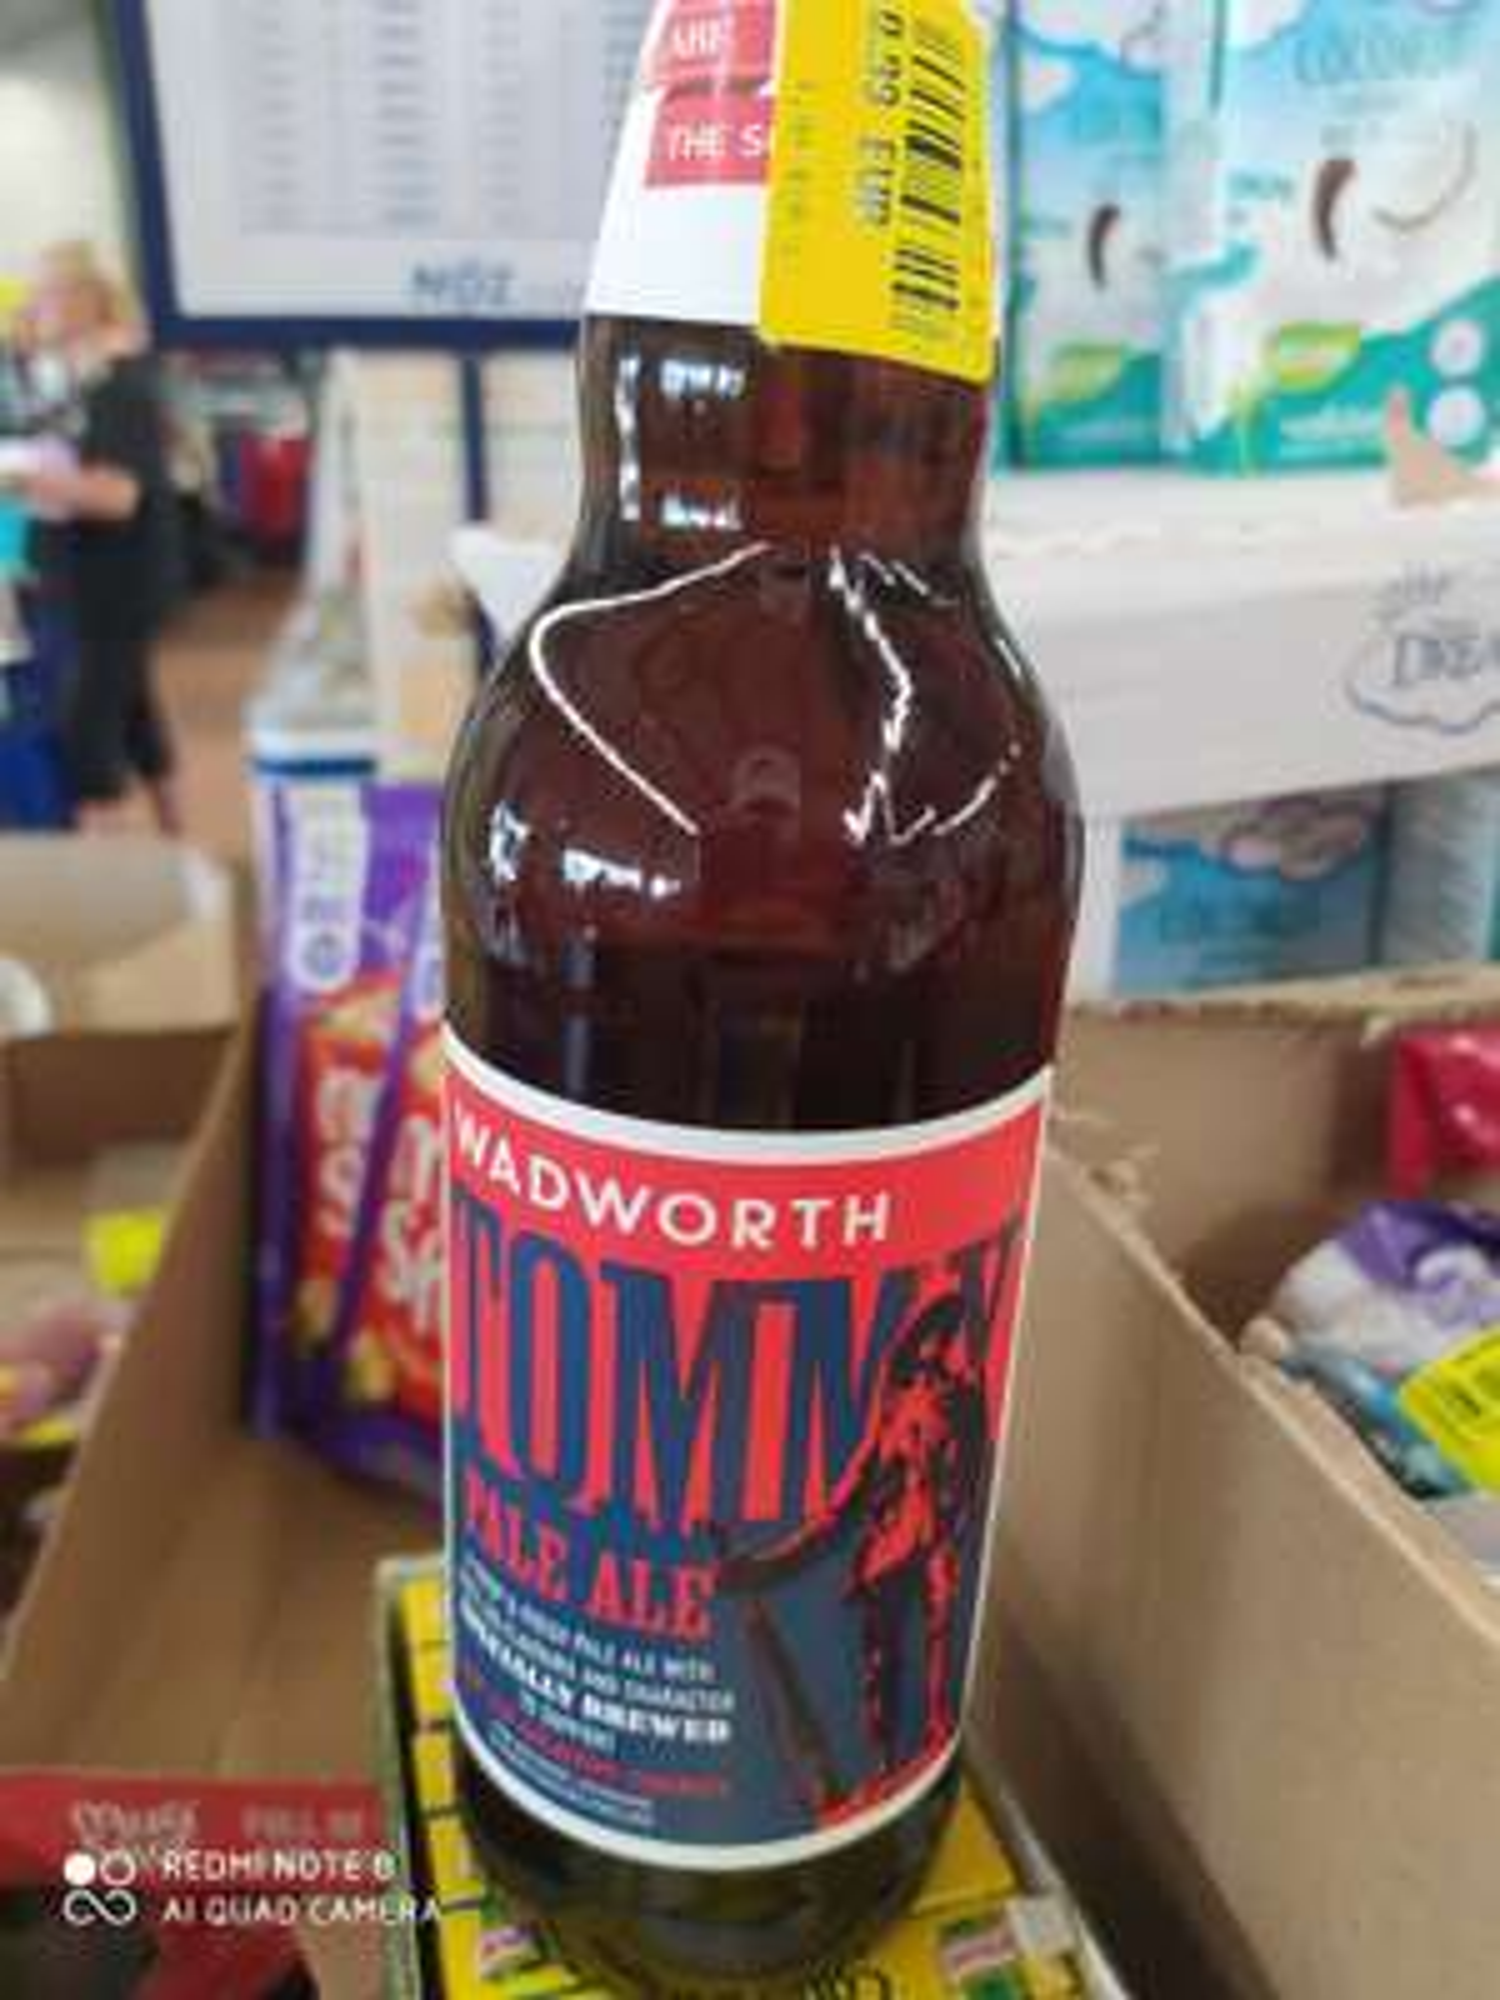 Bouteille de Bière Tommy Wadsworth Pale Ale - 0.5L - Feurs (42)